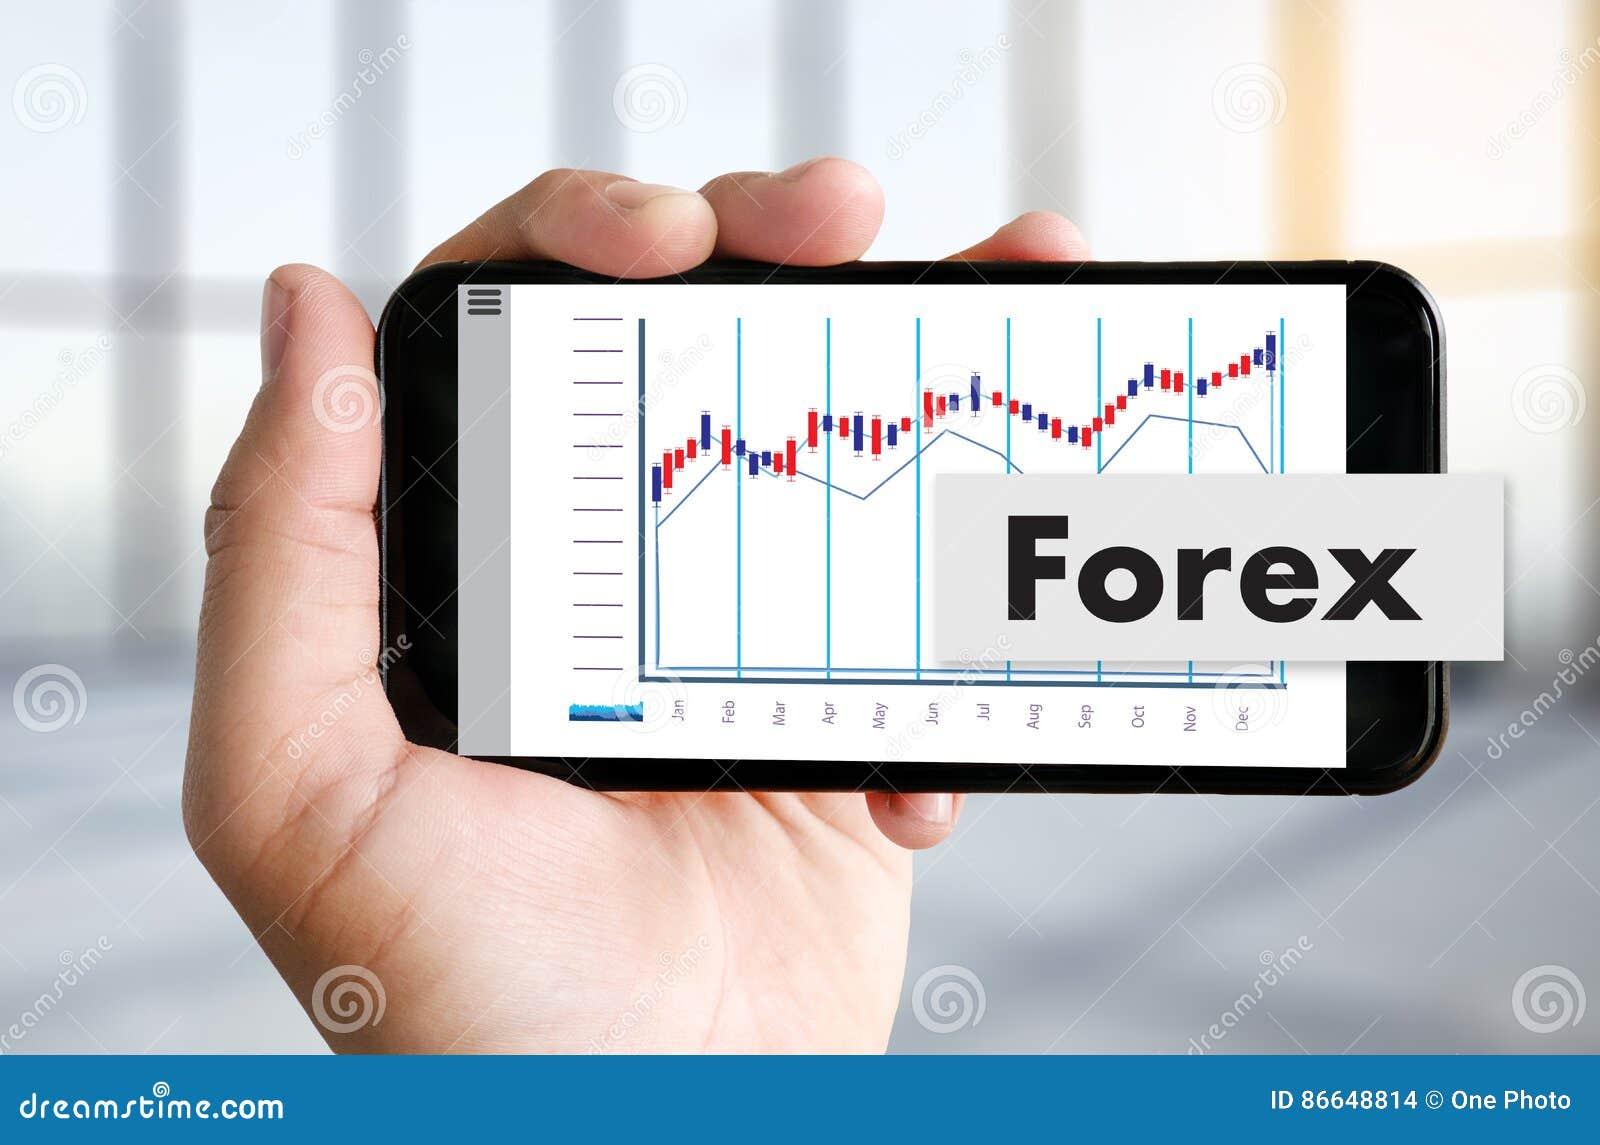 Forex swap mark to market